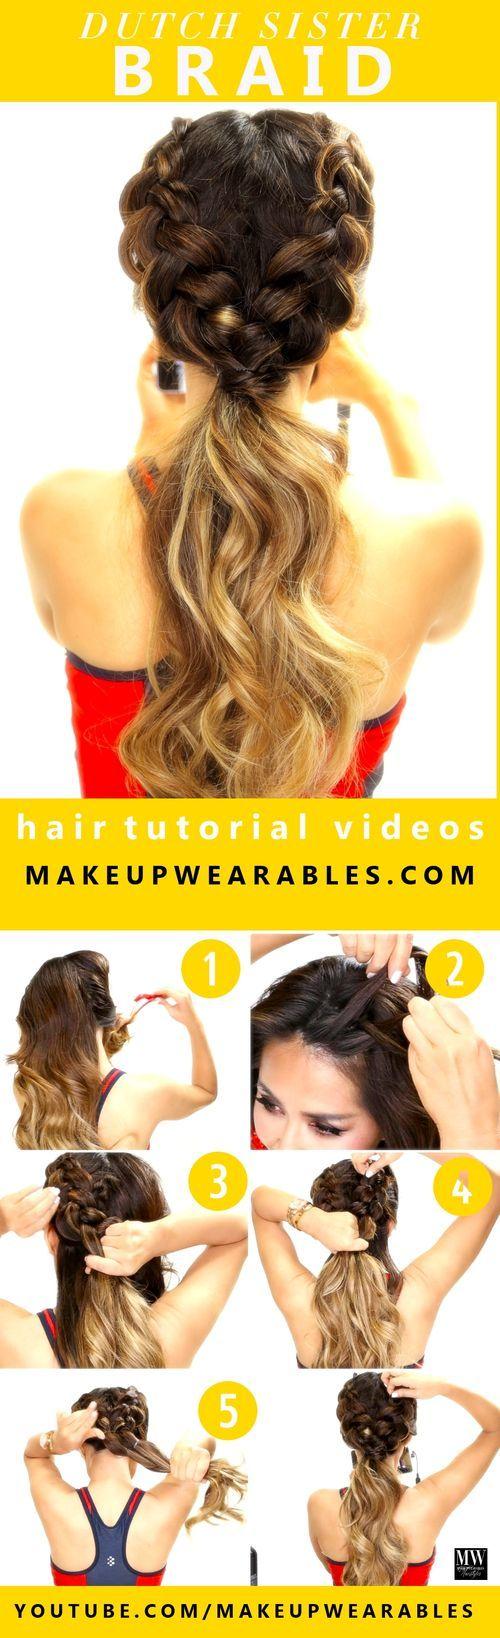 #braids -  #cute,  hairstyles